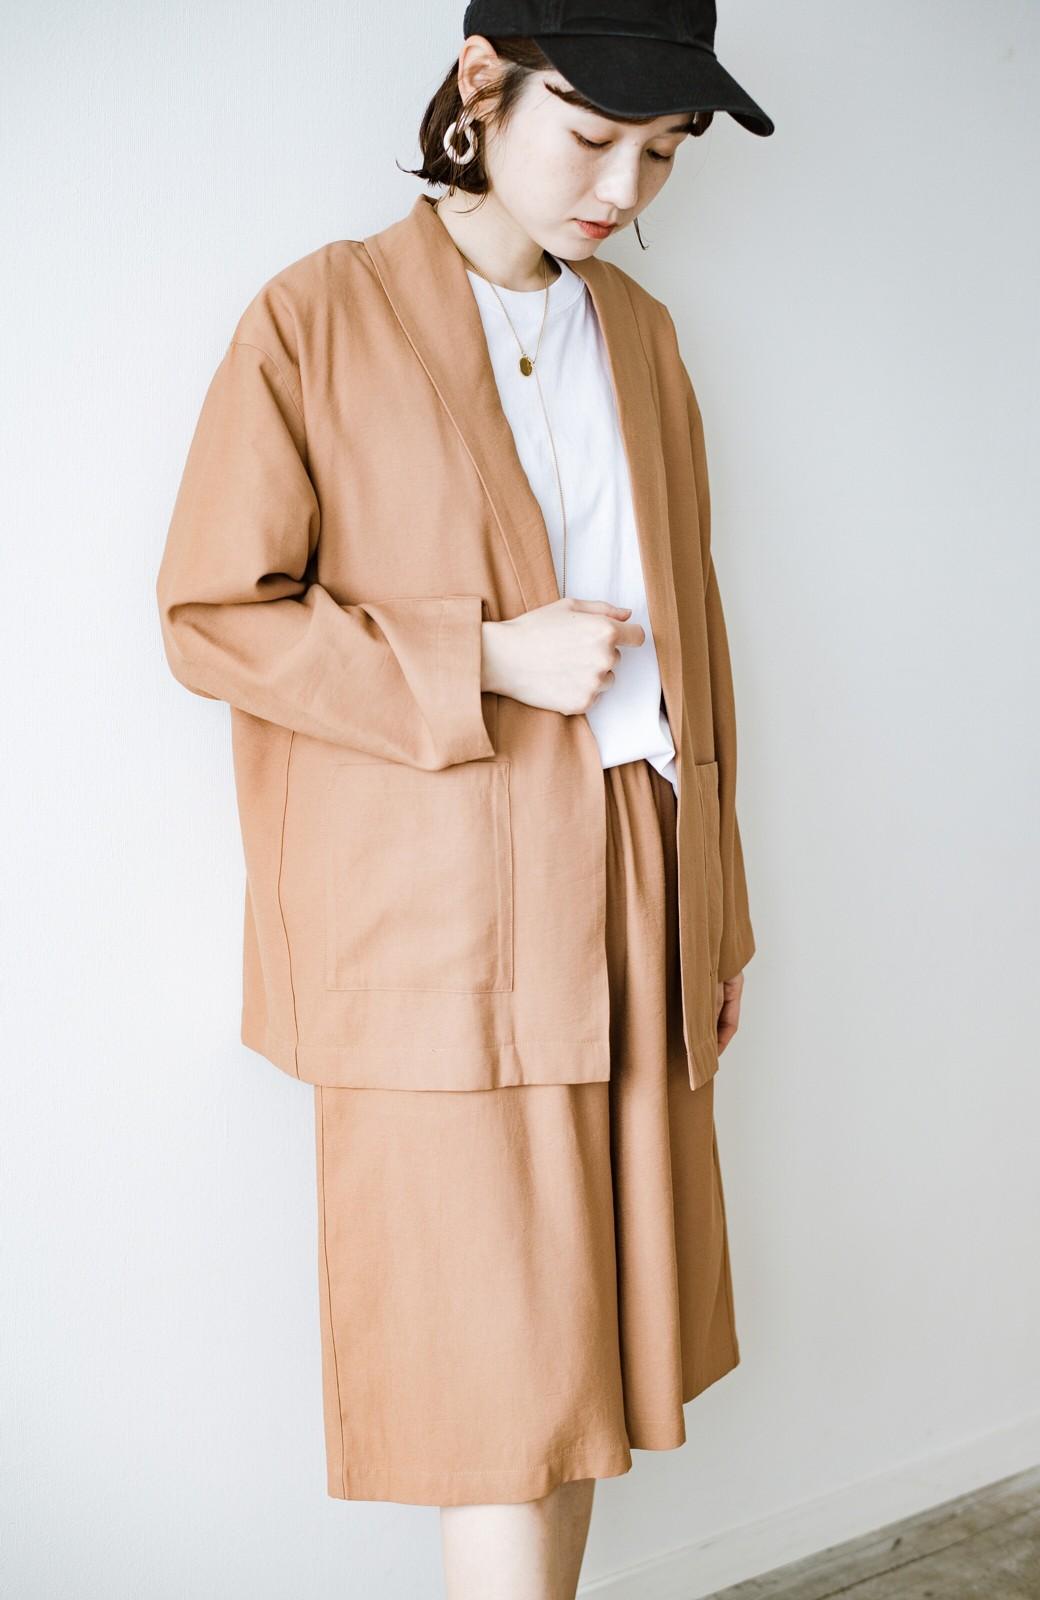 haco! さらりと羽織ってきれい見え カジュアルにも着られてほどよいきちんと感が頼りになるリラックスジャケット <キャメル>の商品写真19